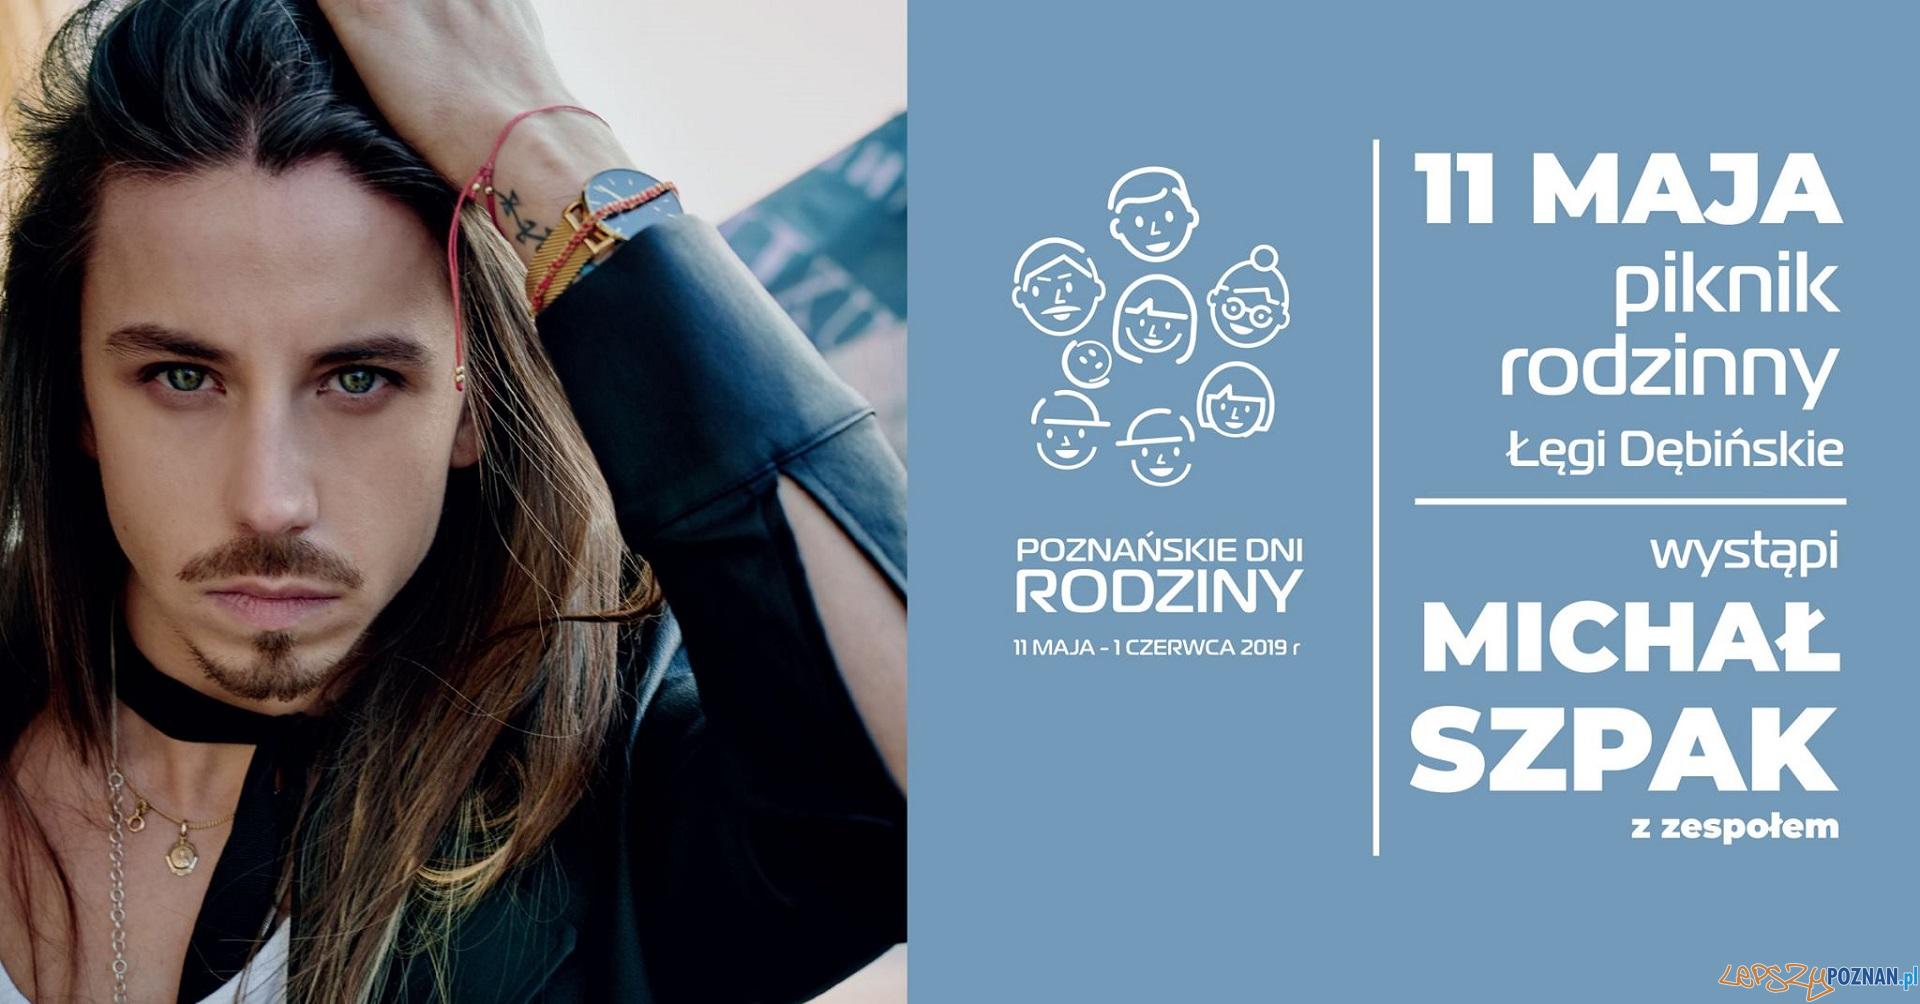 Poznańskie Dni Rodziny  Foto: materiały prasowe